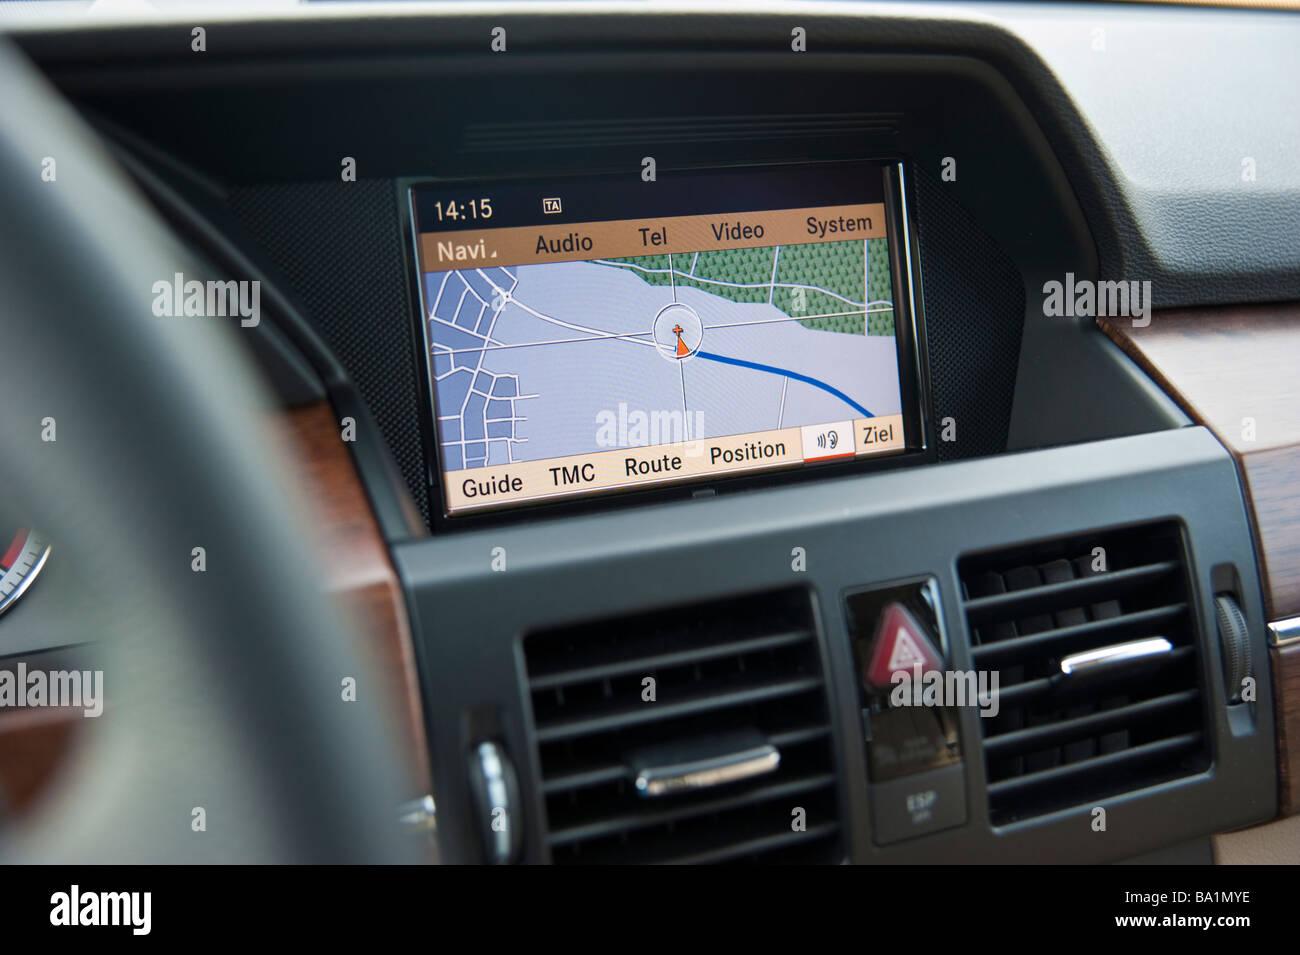 Display of on board navigation system in Mercedes GLK | Bildschirm des Onboard Navigationssystems im Mercedes GLK - Stock Image